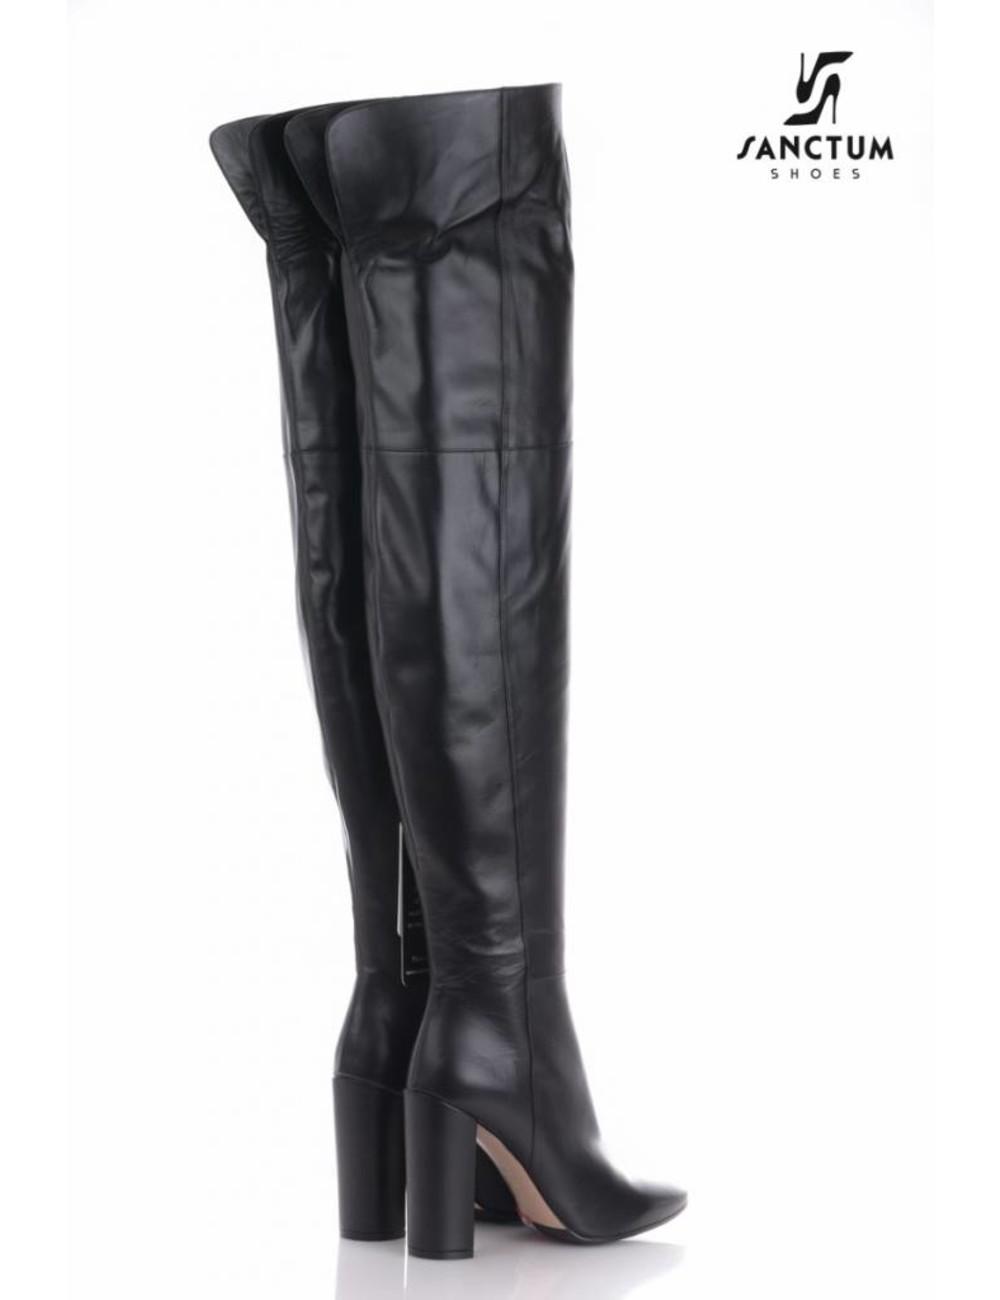 Sanctum  Lange hoge laarzen met hoge blokhakken